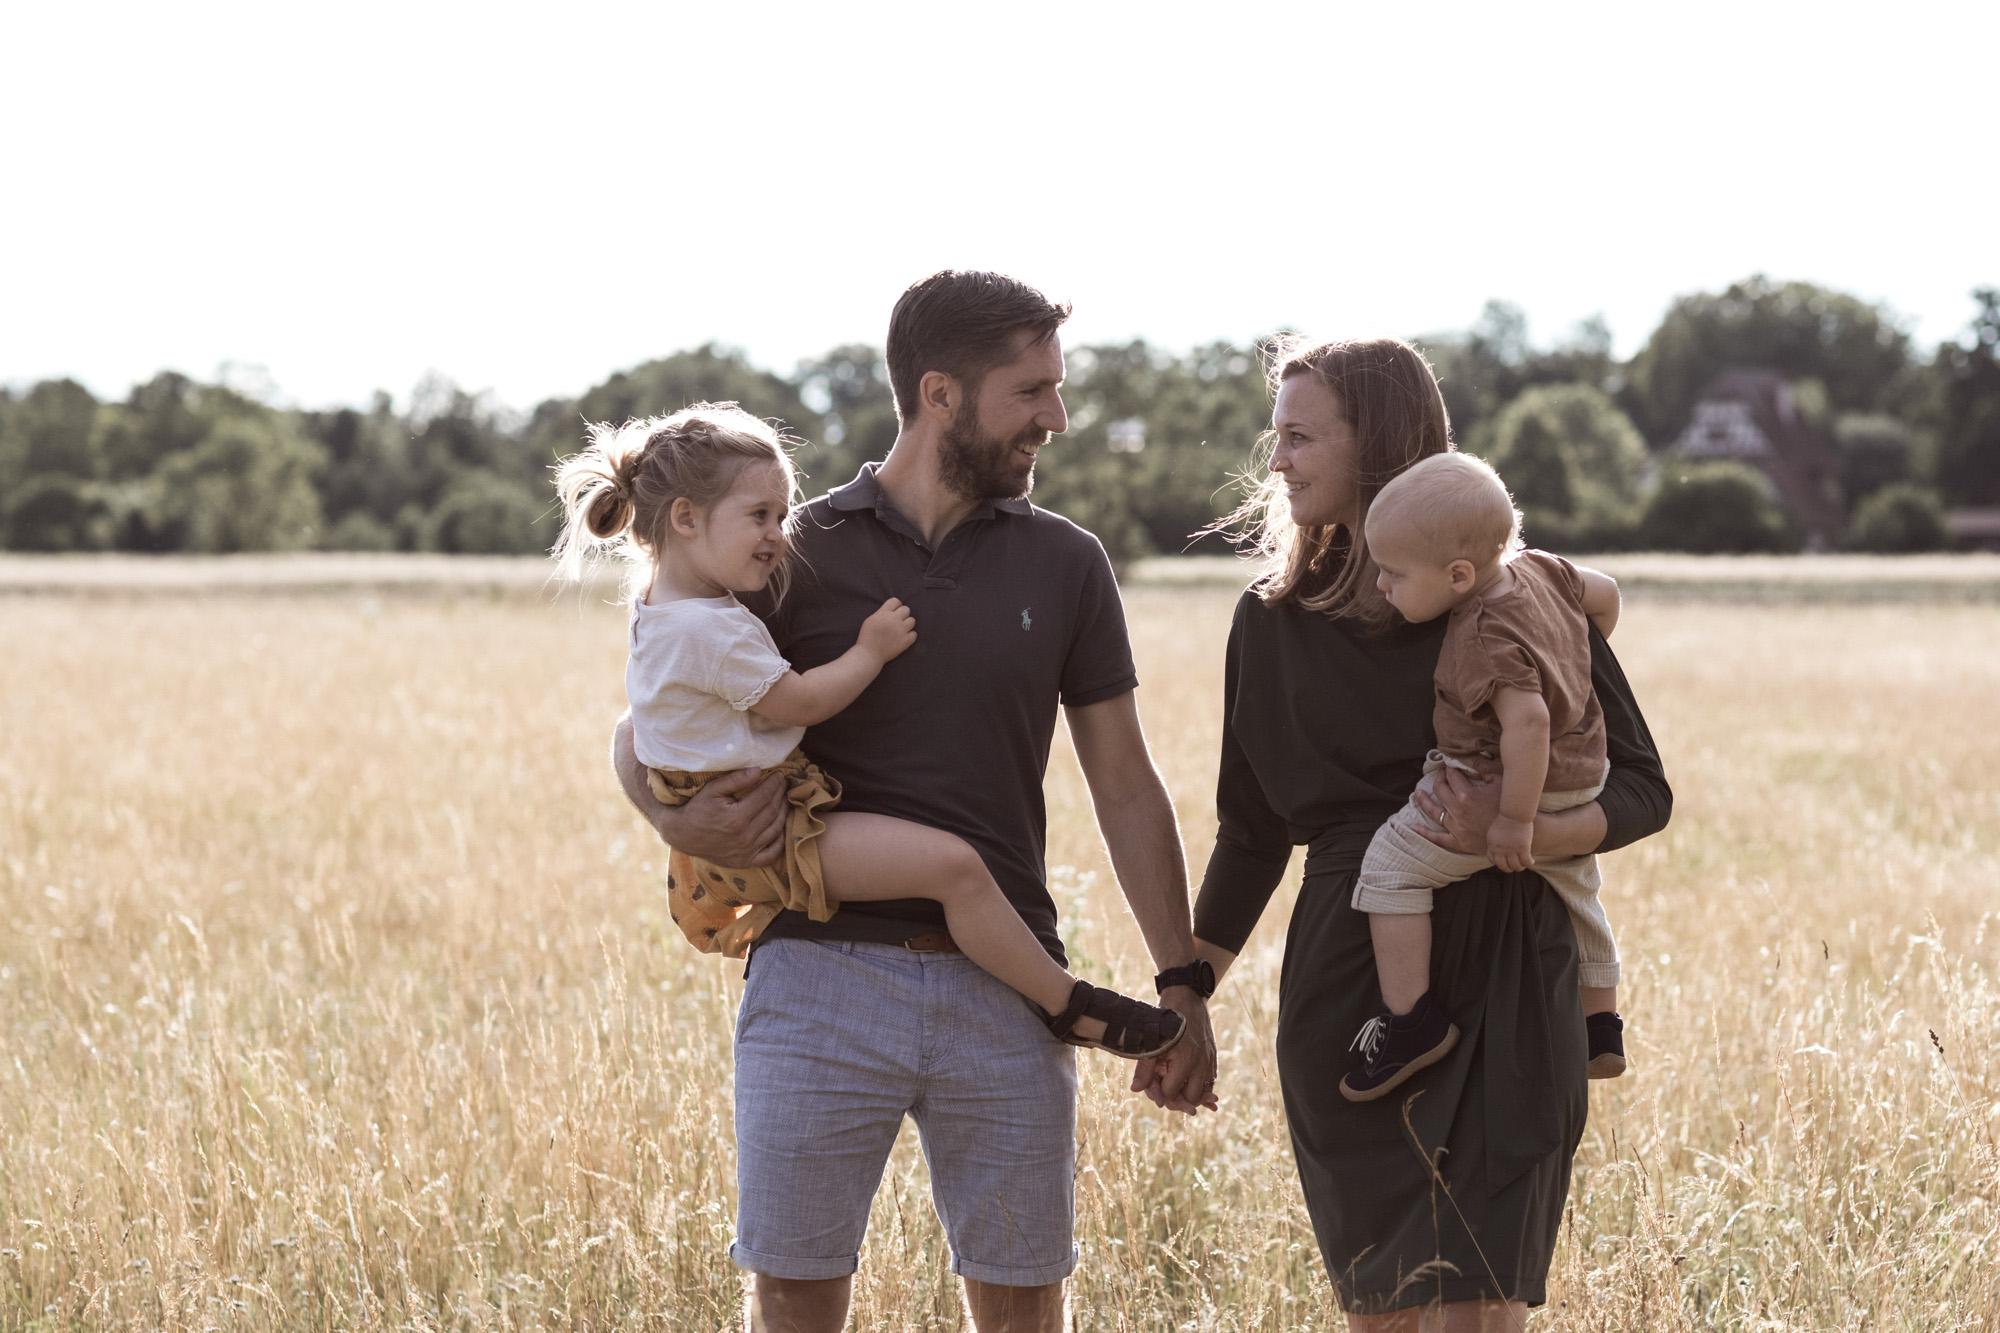 Familienreportage - ungestellte Familienbilder - Die Familie spaziert auf der Wiese